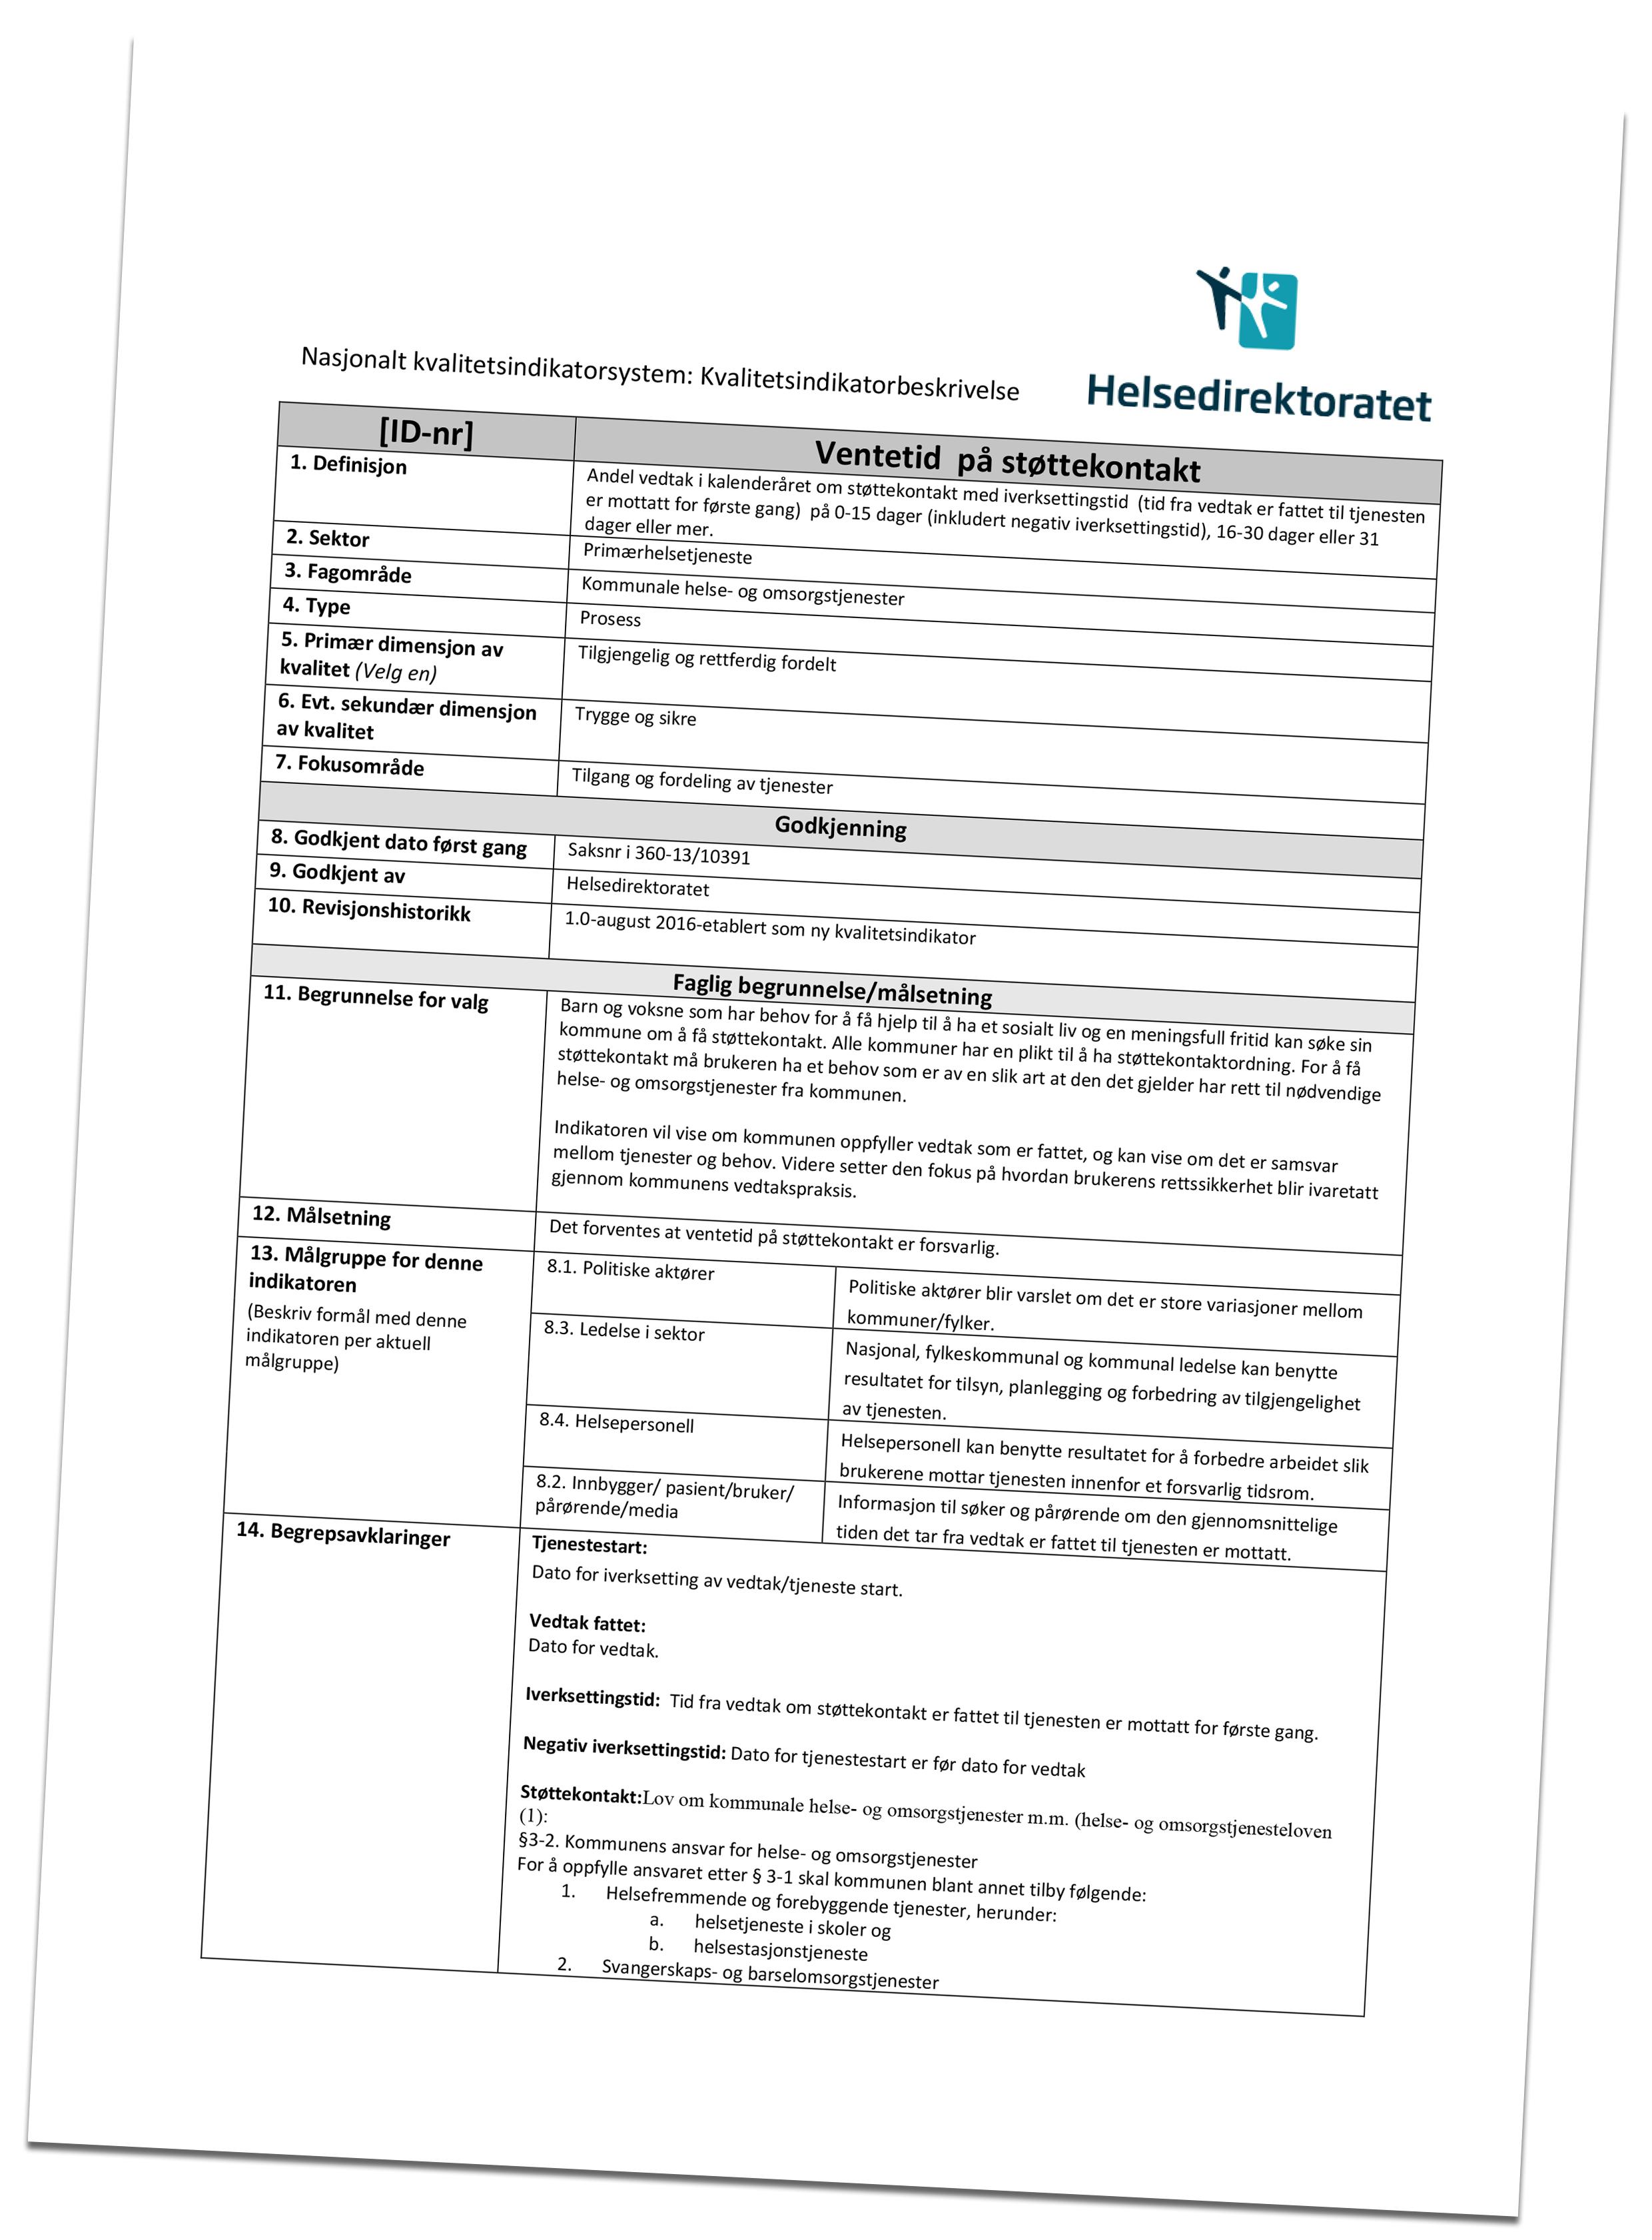 Illustrasjon som viser skjema for kvalitetsindikatorbeskrivelse vedrørende ventetid på støttekontakt